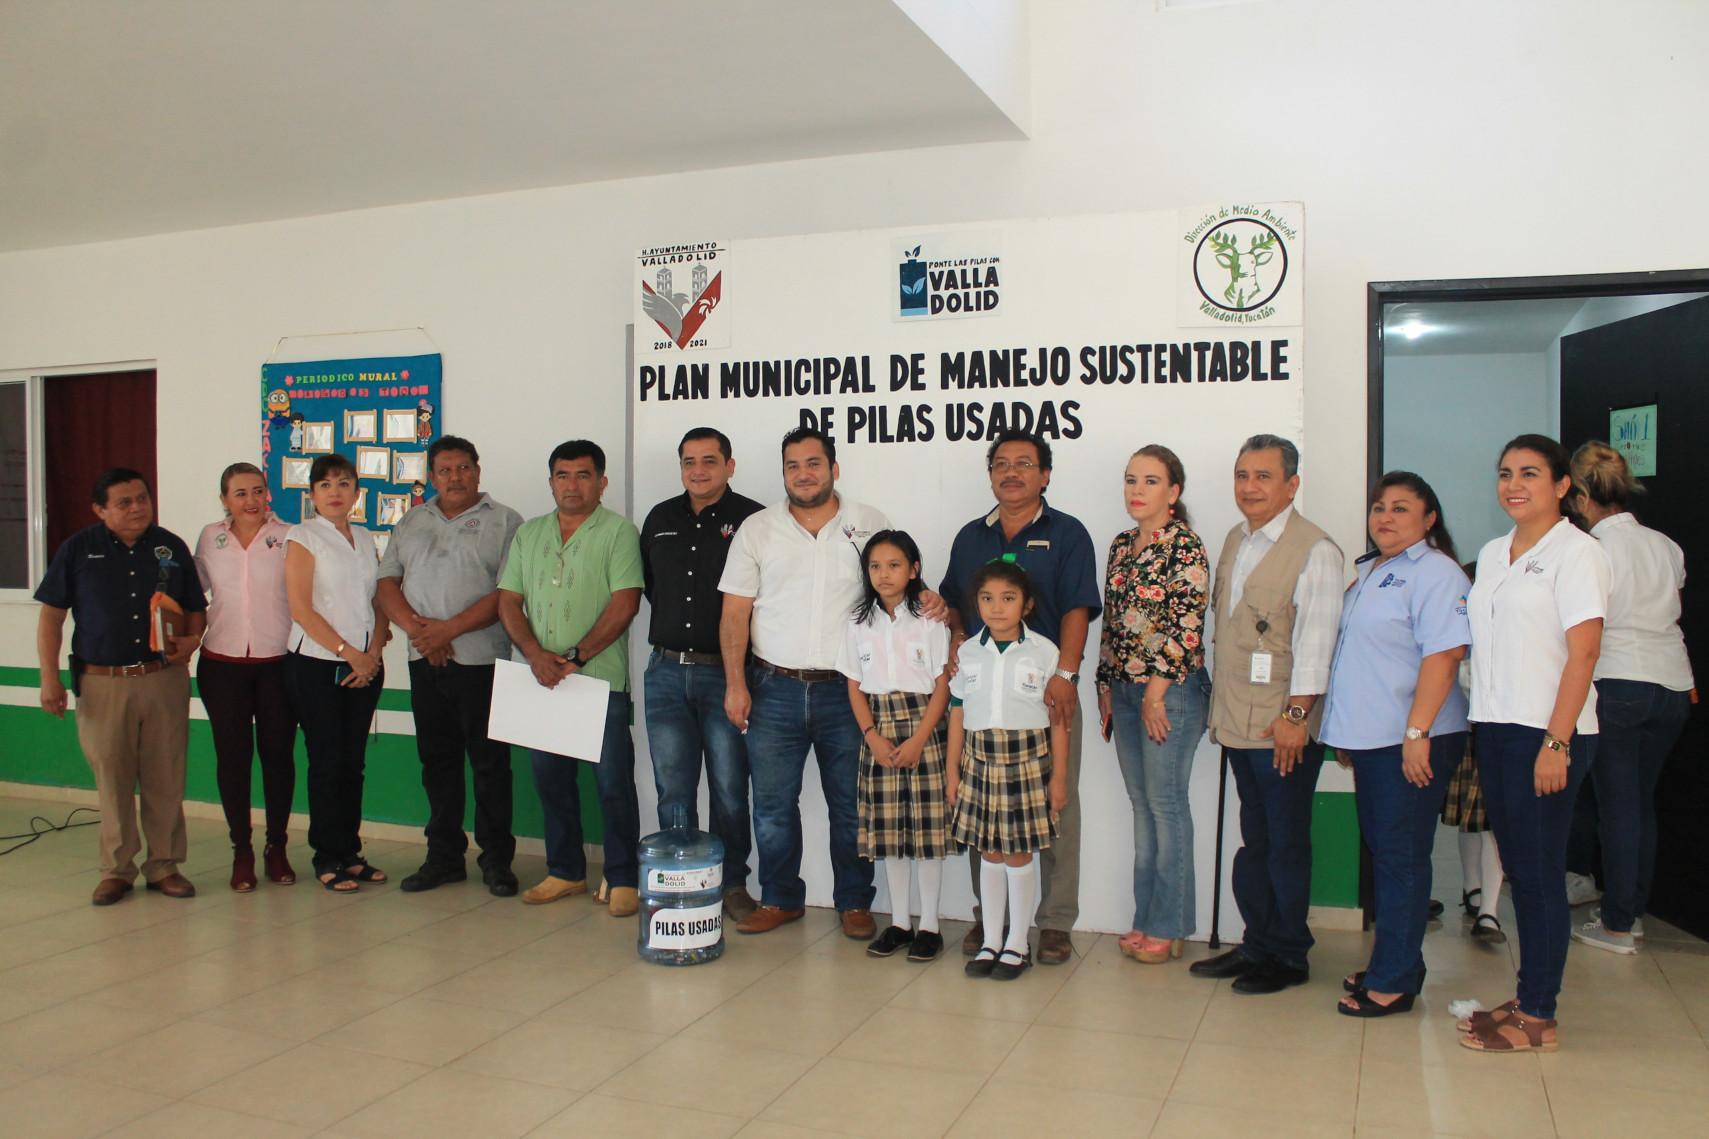 Arranca programa manejo sustentable de pilas, por la preservación del Medio Ambiente